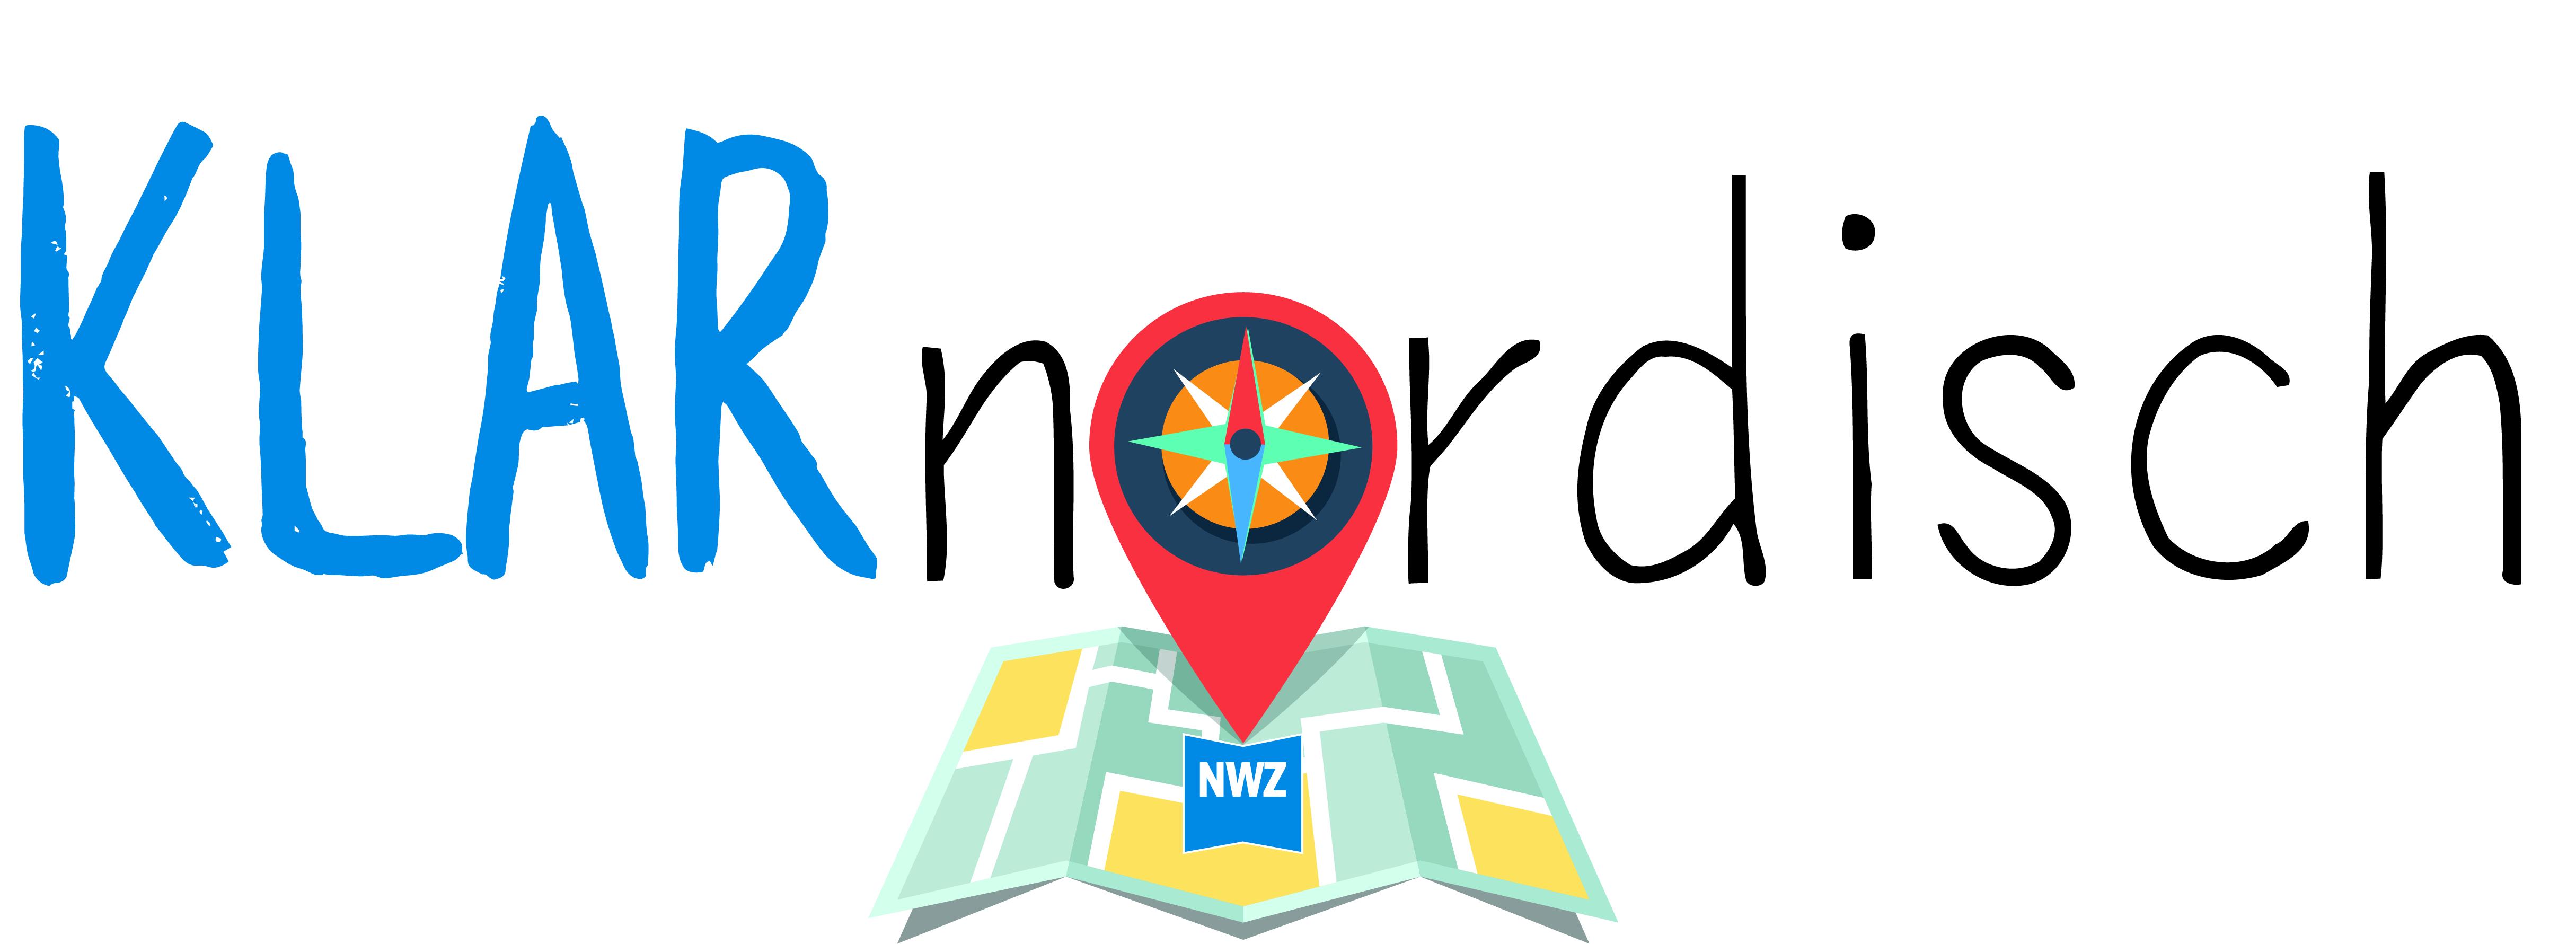 Klarnordisch – Das junge Portal der NWZ